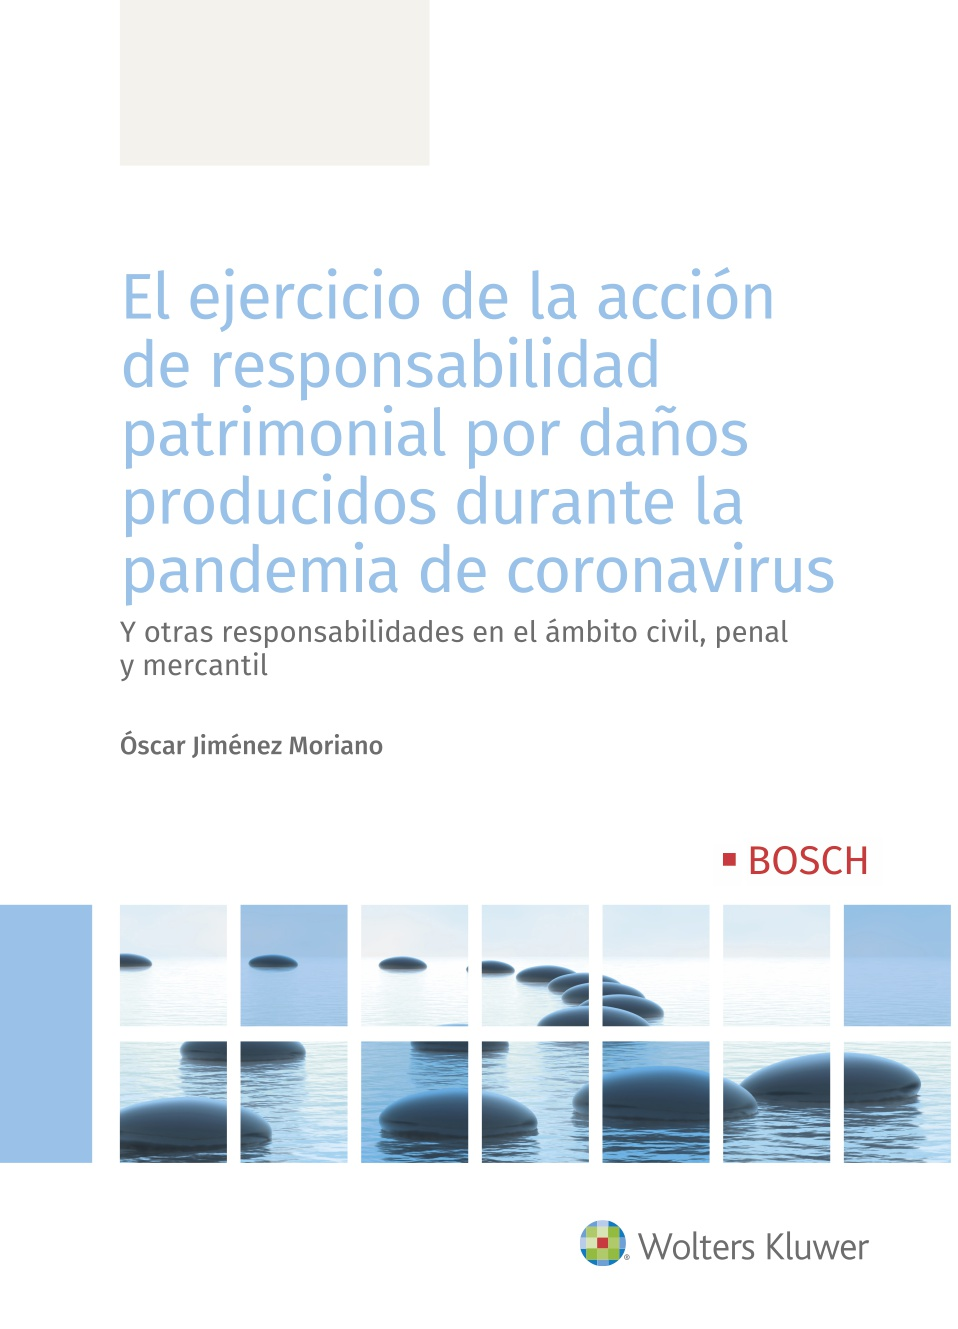 El ejercicio de la acción de responsabilidad patrimonial por daños producidos  durante la pandemia de coronavirus   «Y otras responsabilidades en el ámbito civil, penal y mercantil»